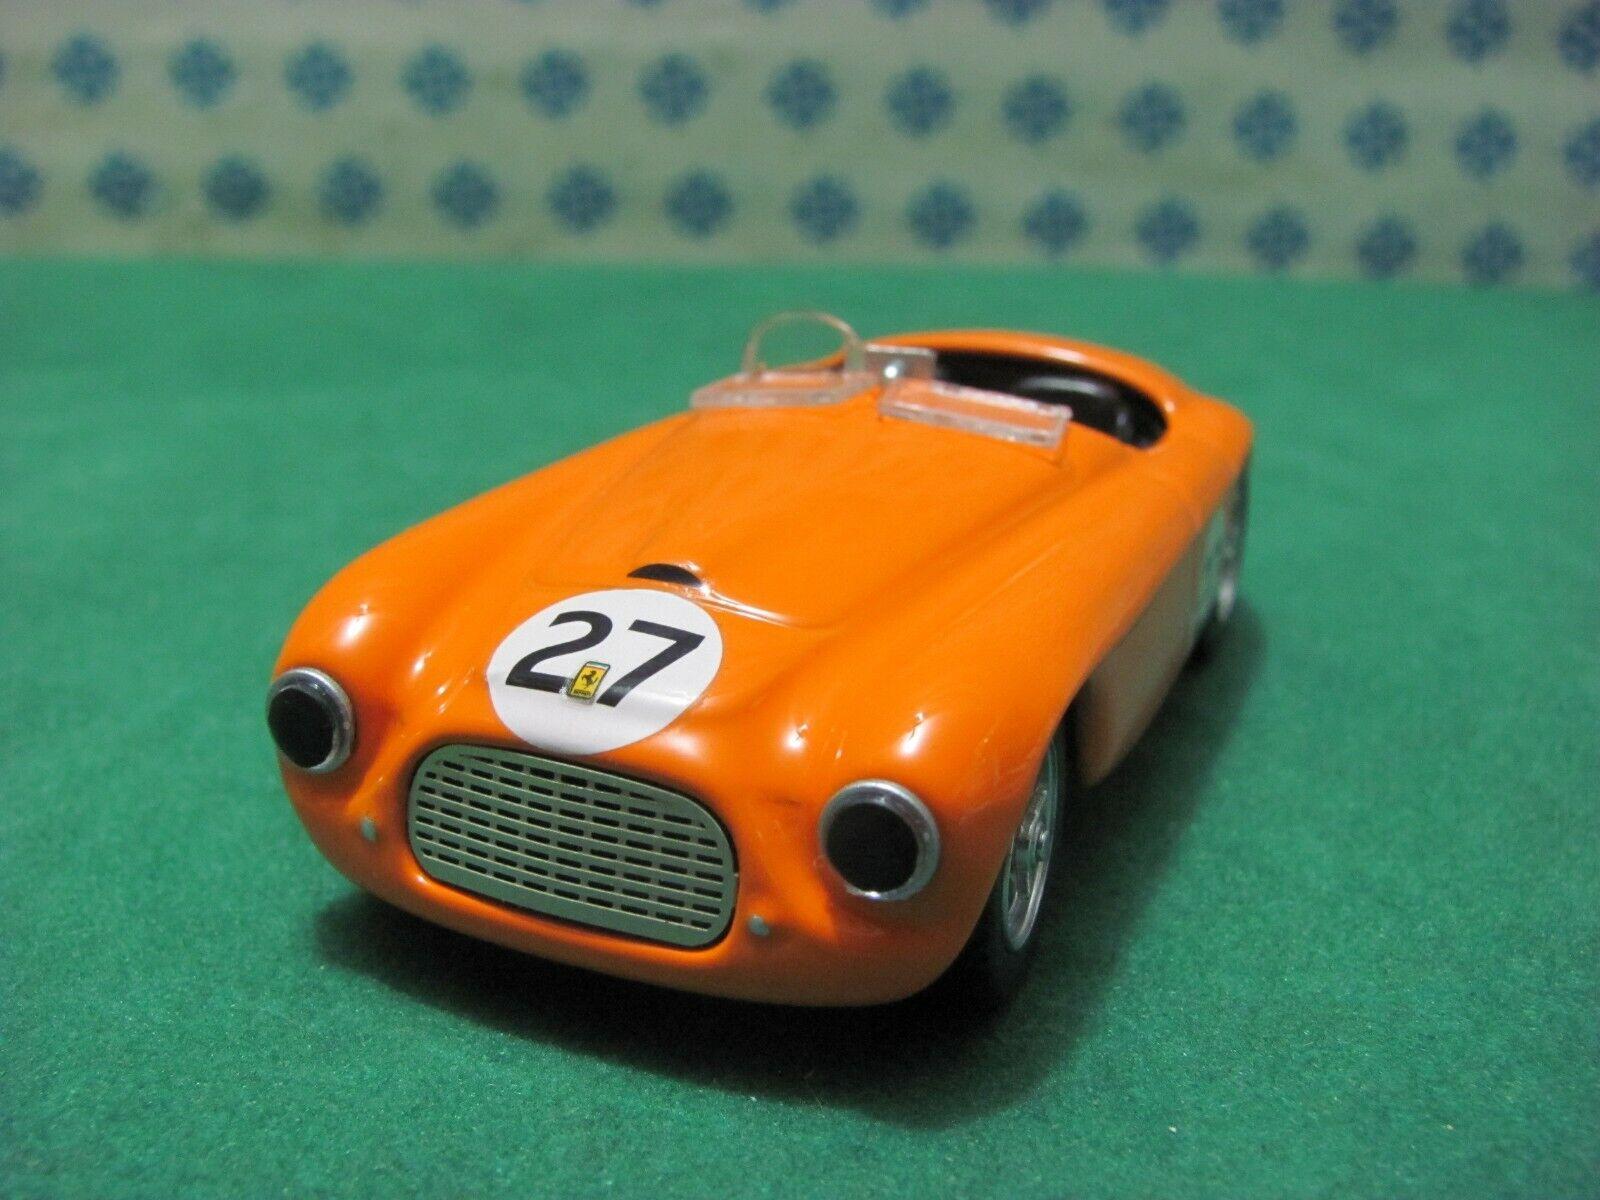 Ferrari 166 mm 2000cc. Barchetta Barchetta Zandvoort 1950 - 1 43 Art Model 323 L.E MIB